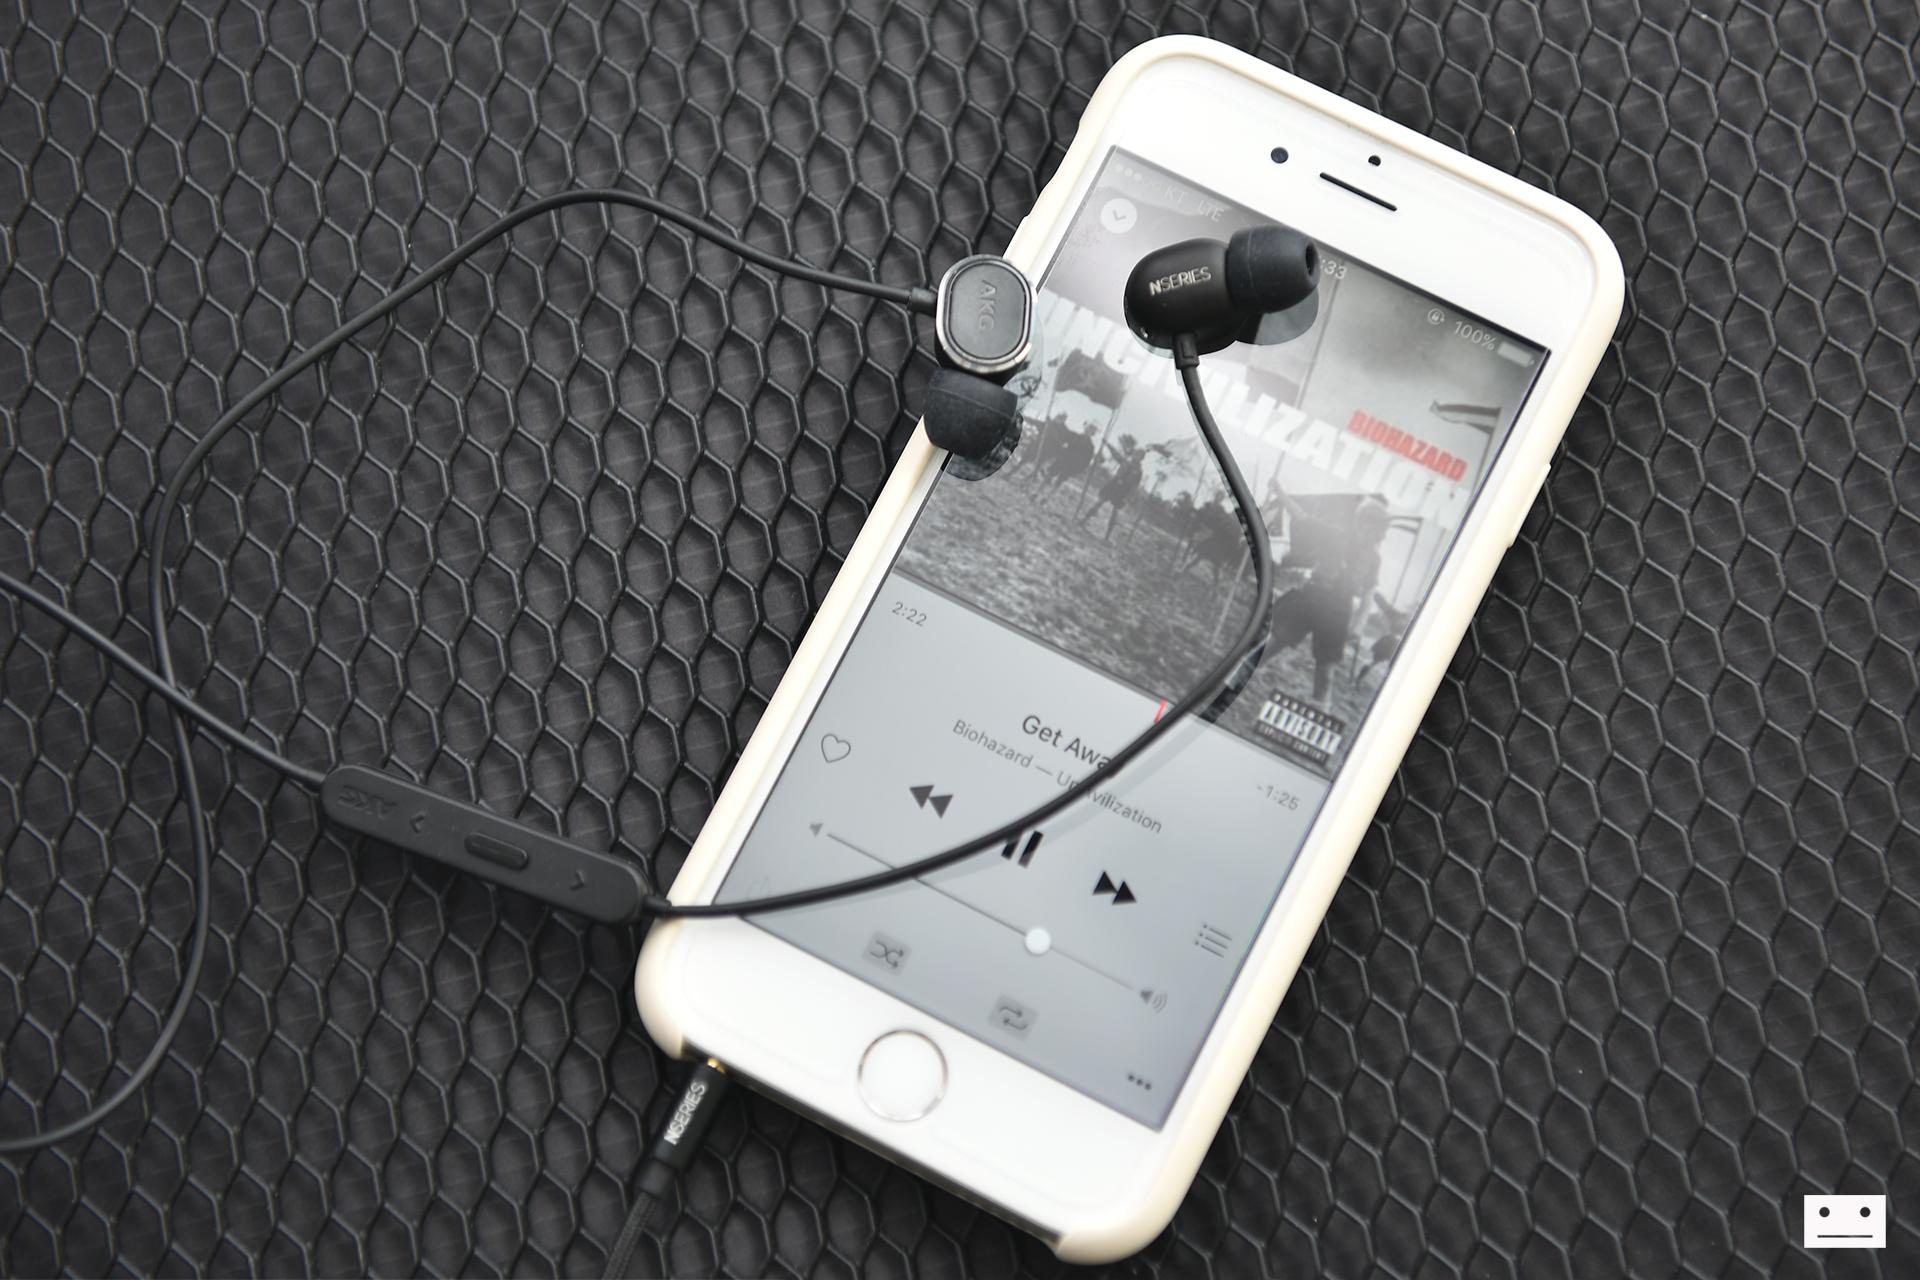 akg n20 earphone review (12)